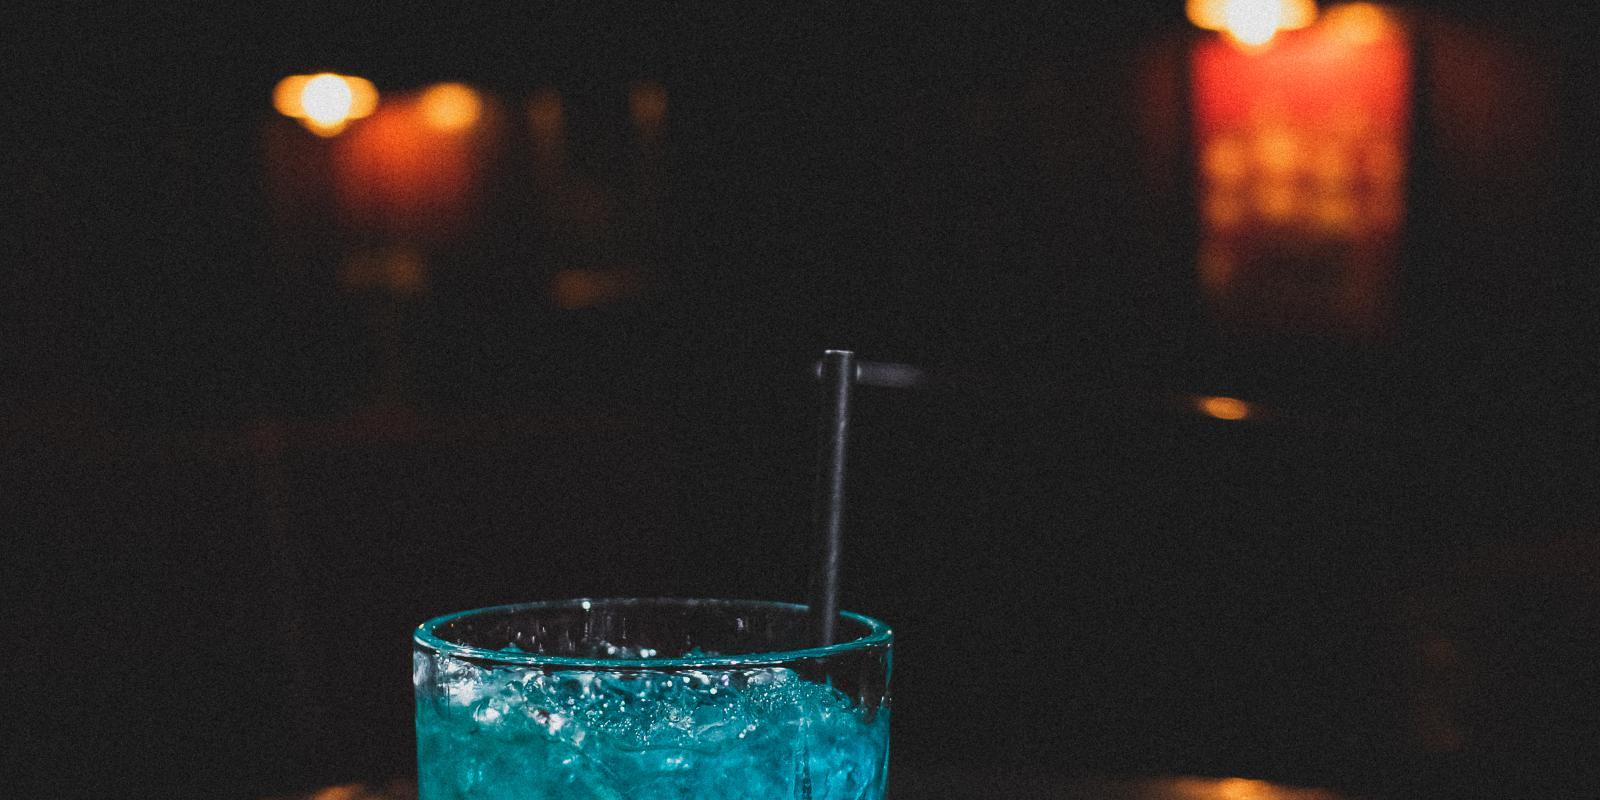 Image représentant le produit Blue 58 en grand format, pour mieux voir le produit.